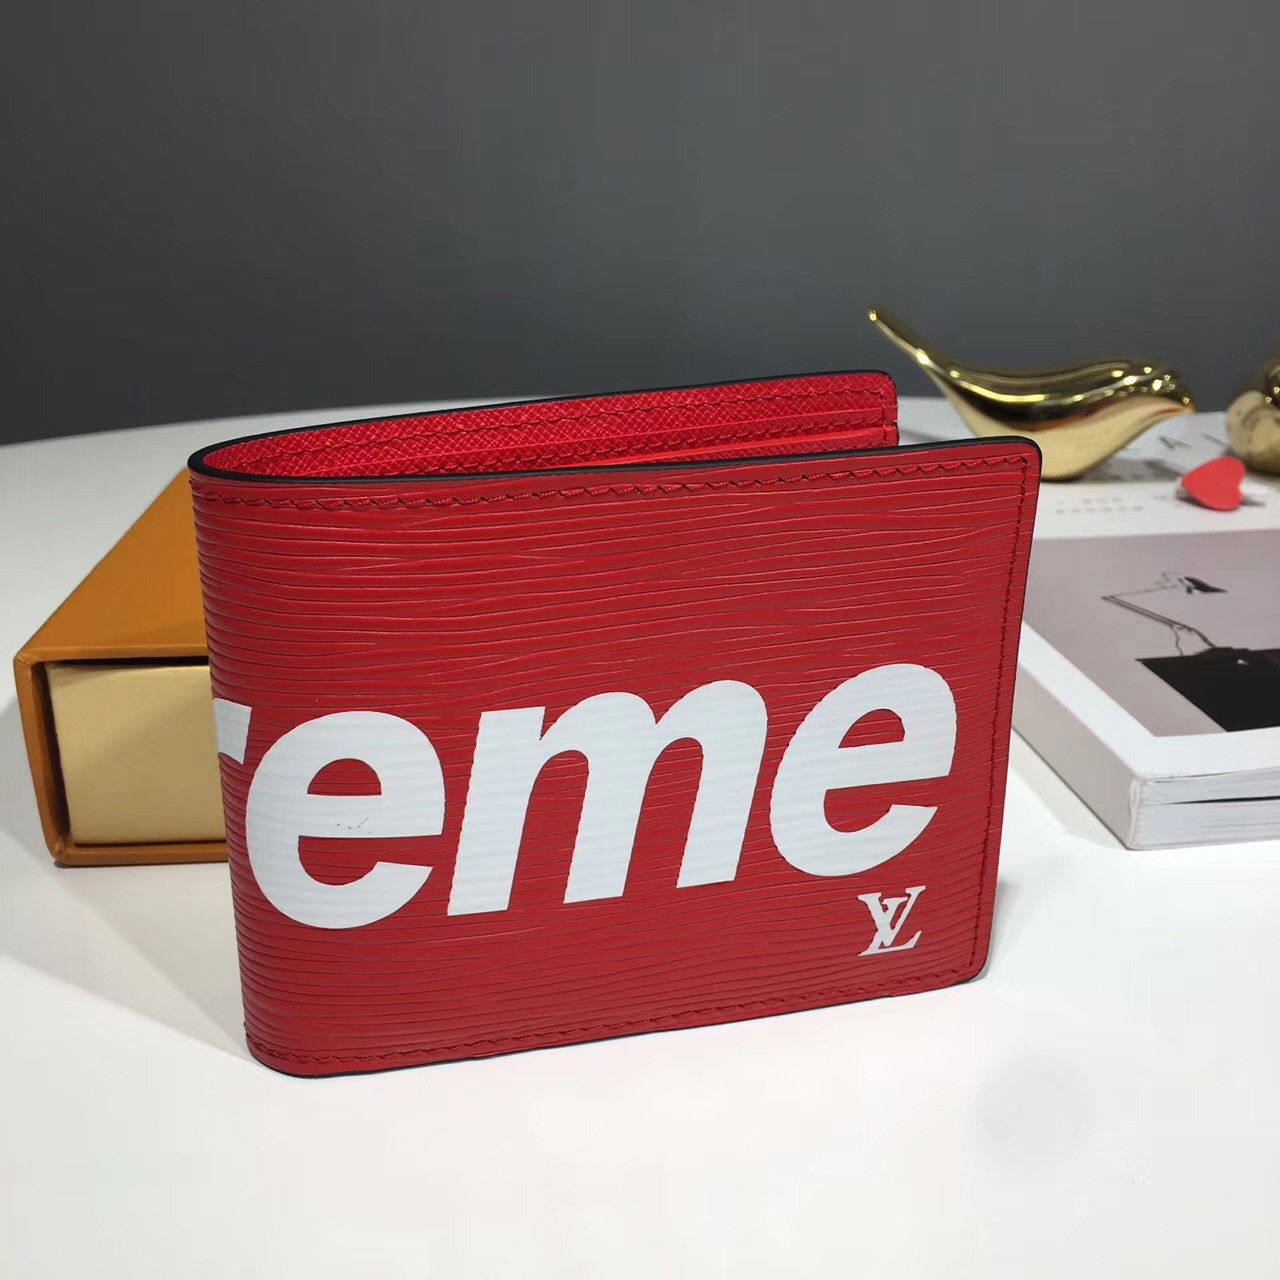 60319d93a417 Бумажник Supreme - купить кошелек Louis Vuitton | vkstore.com.ua